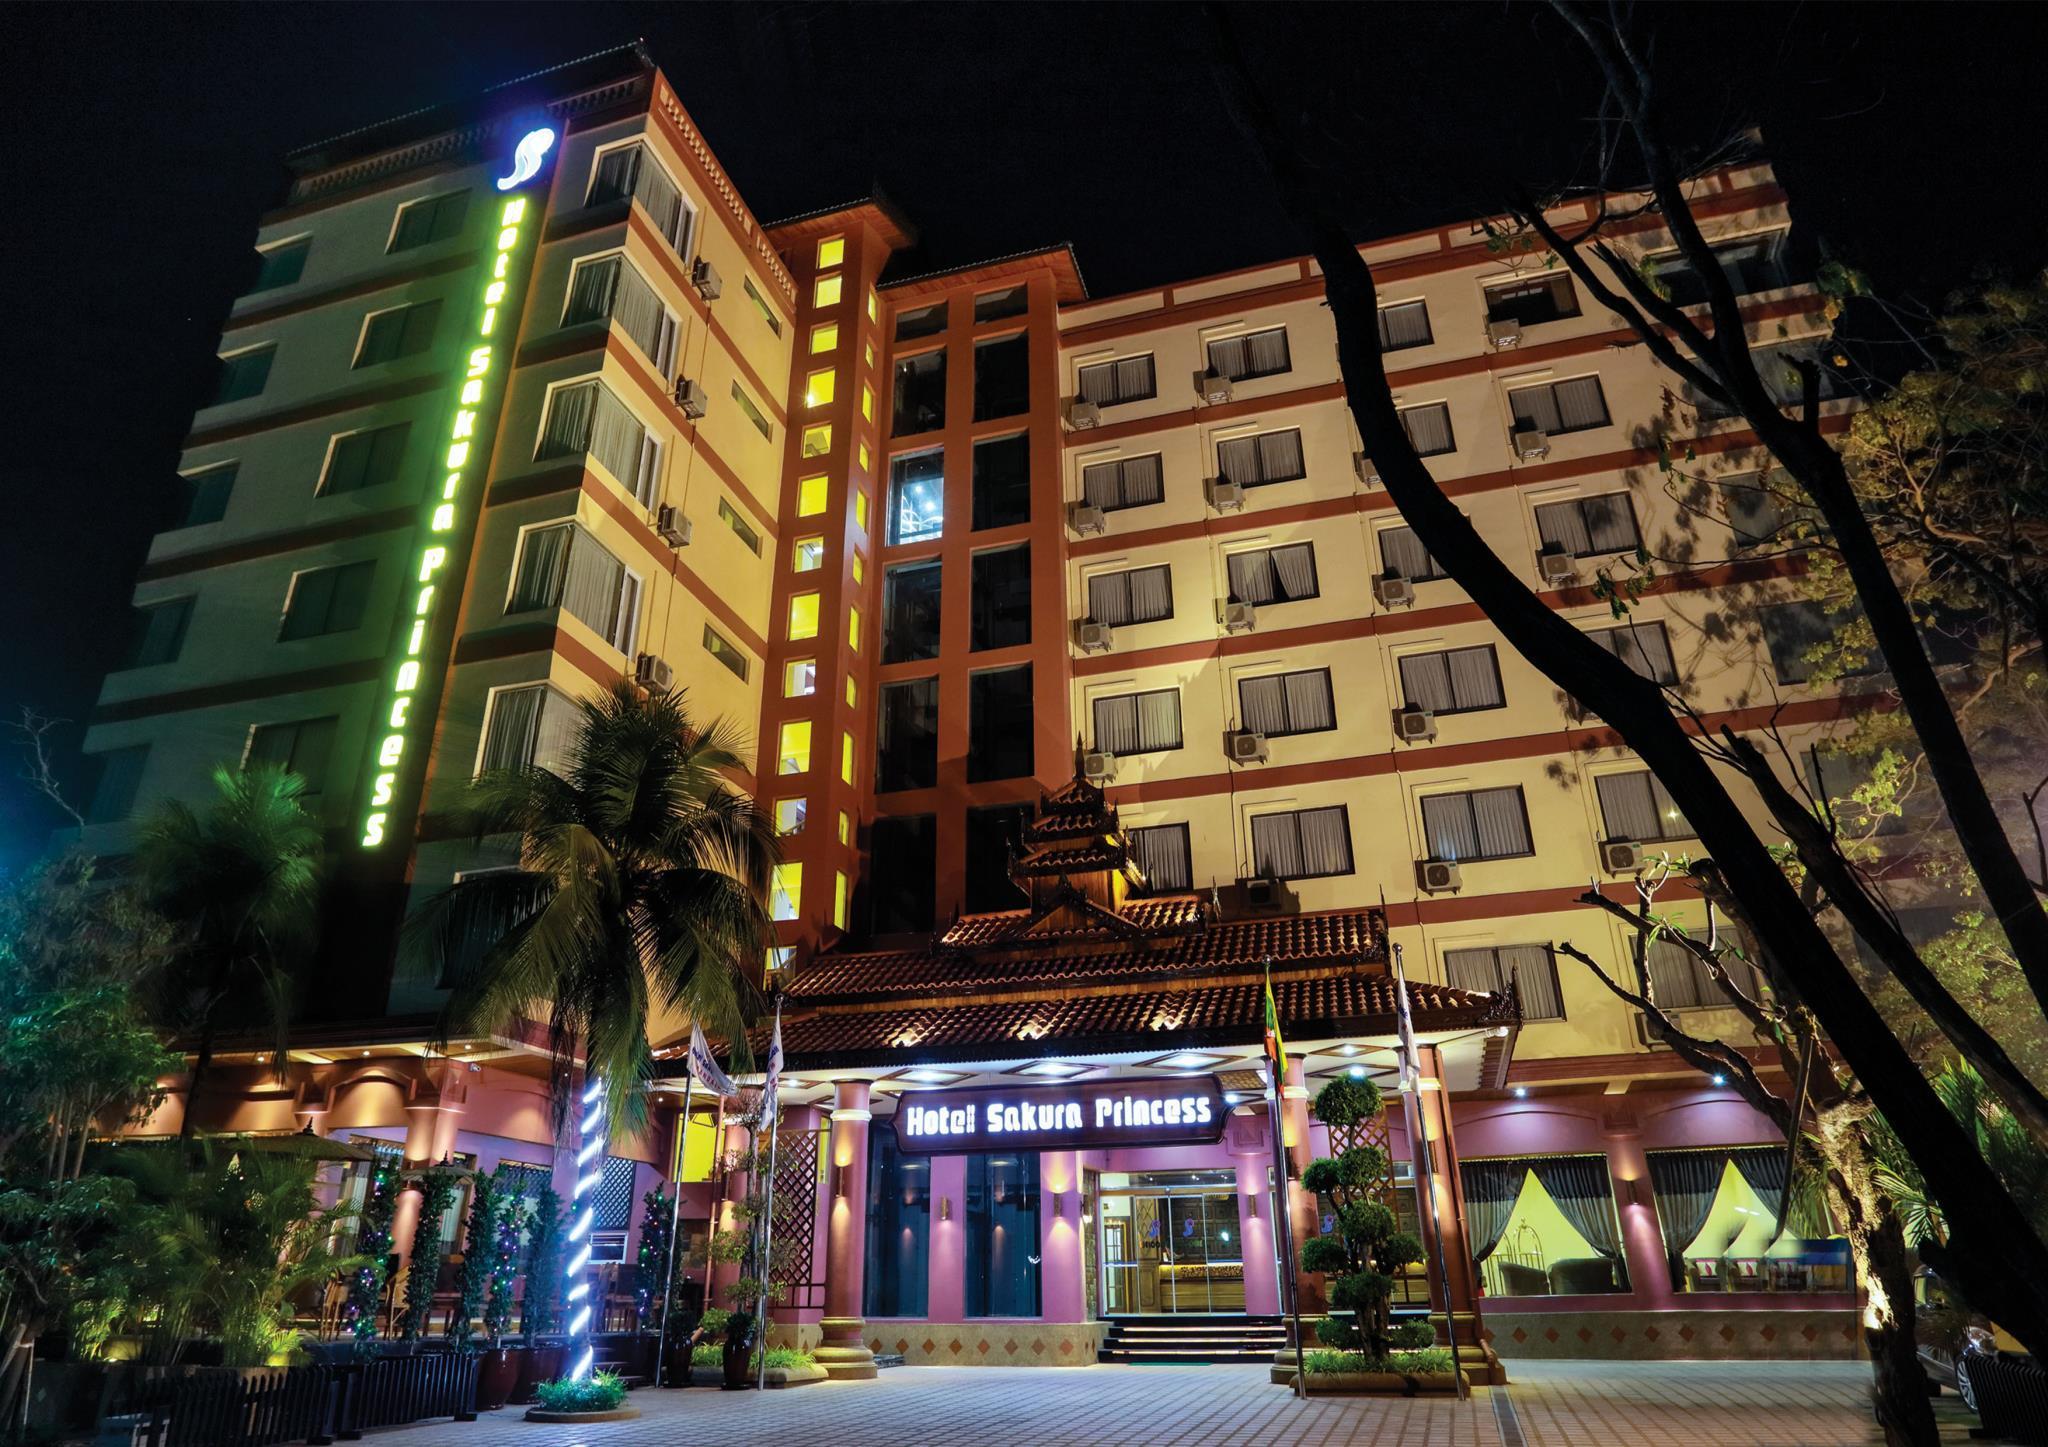 Sakura Princess Hotel